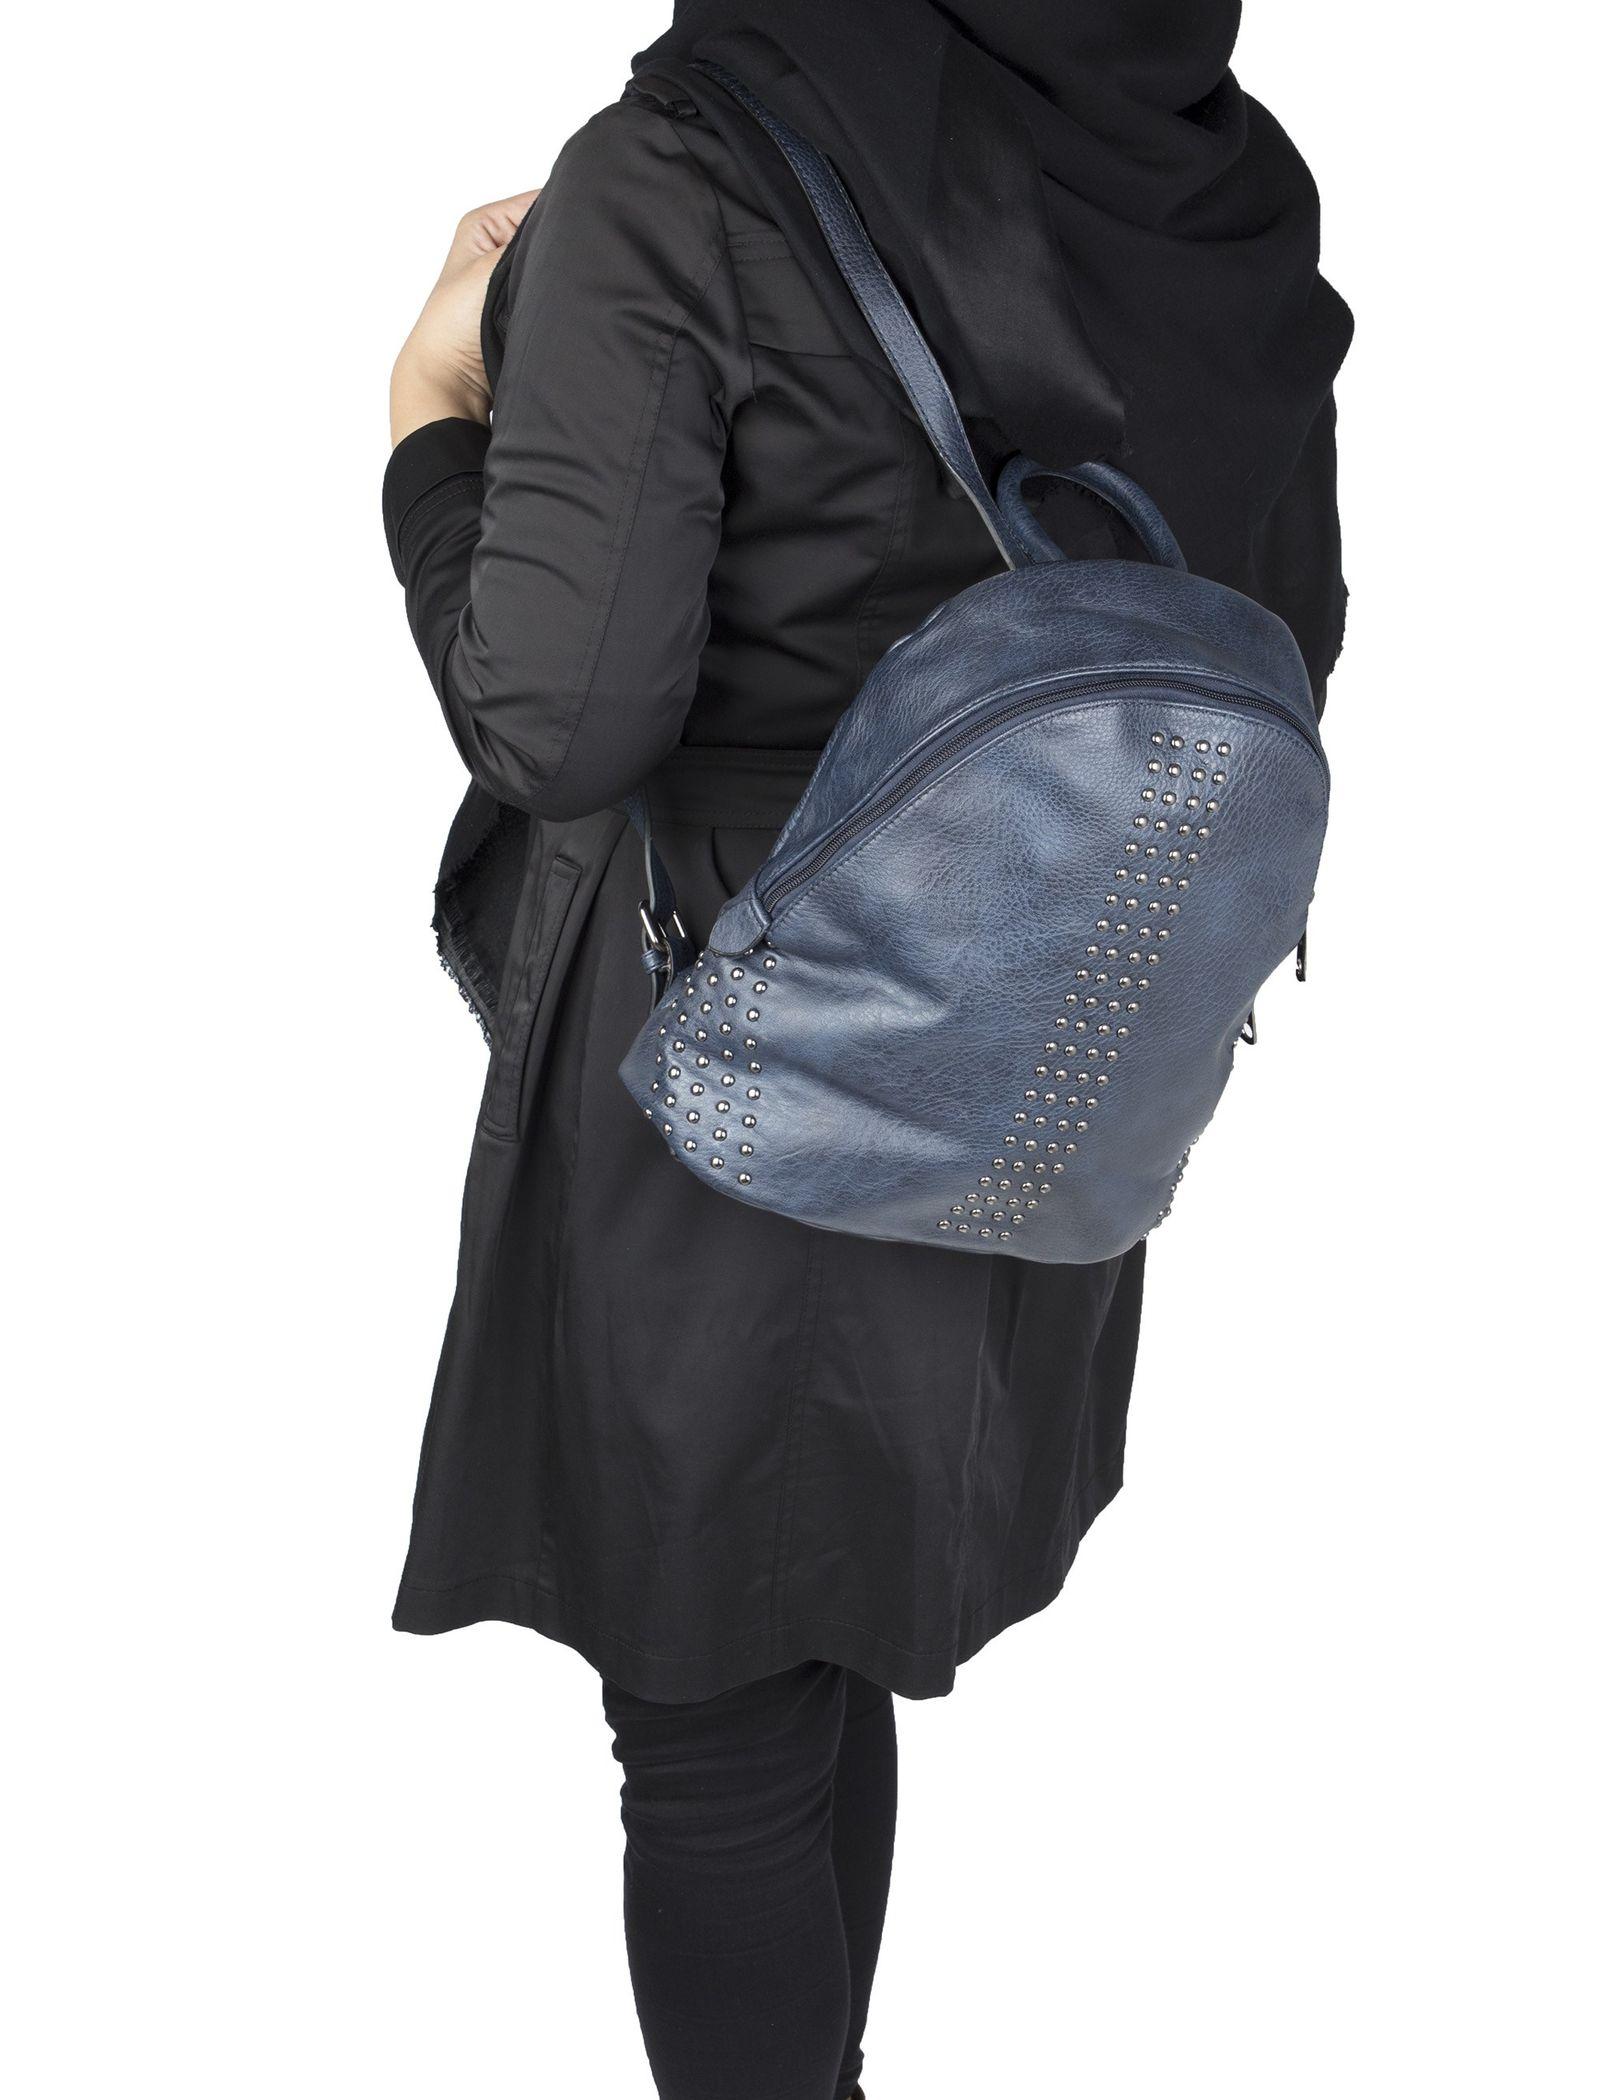 کوله پشتی روزمره زنانه - جانی اند جانی تک سایز - سرمه اي - 5